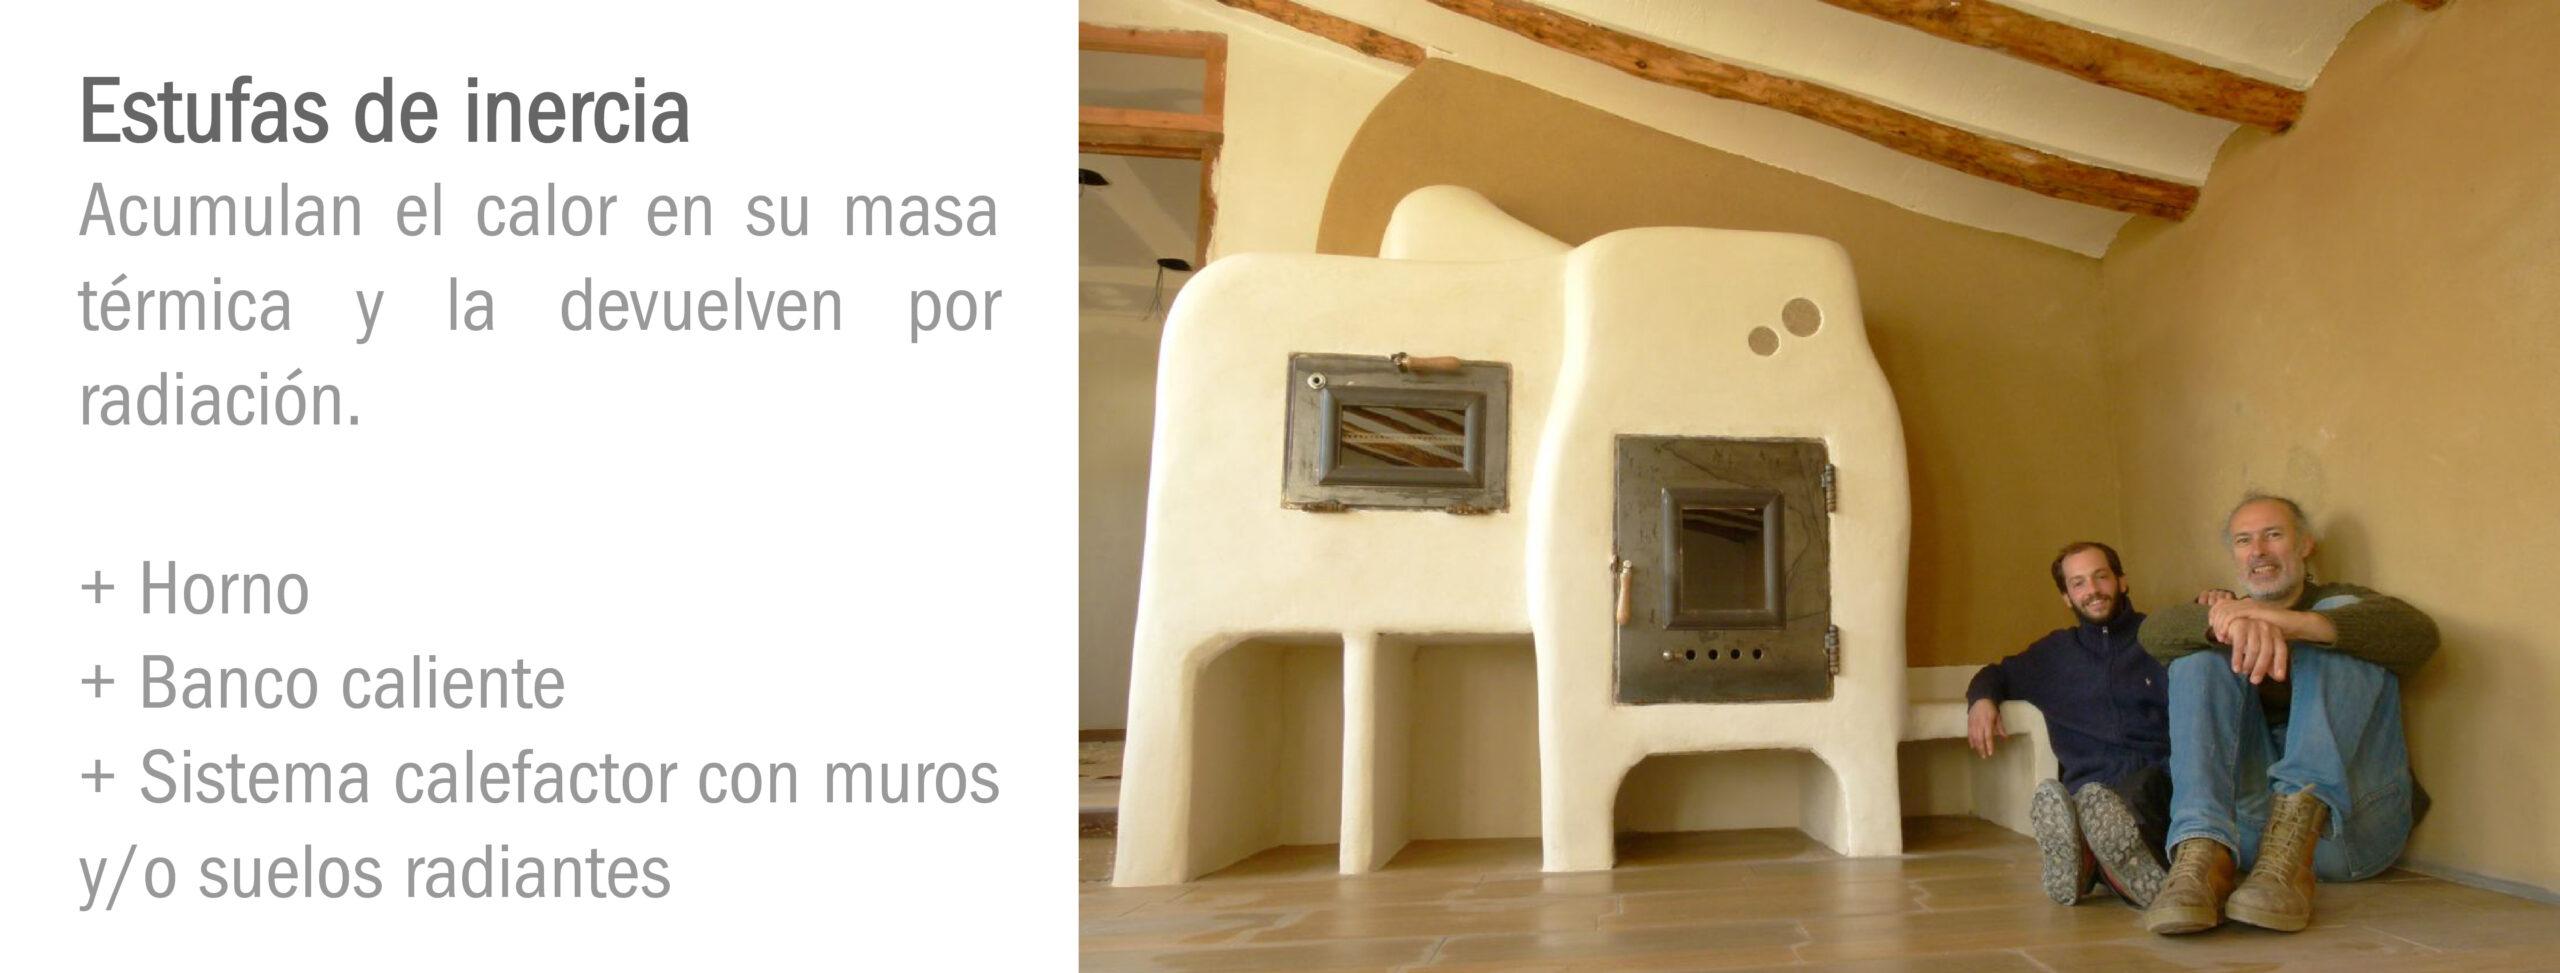 Estufas de inercia-01-01